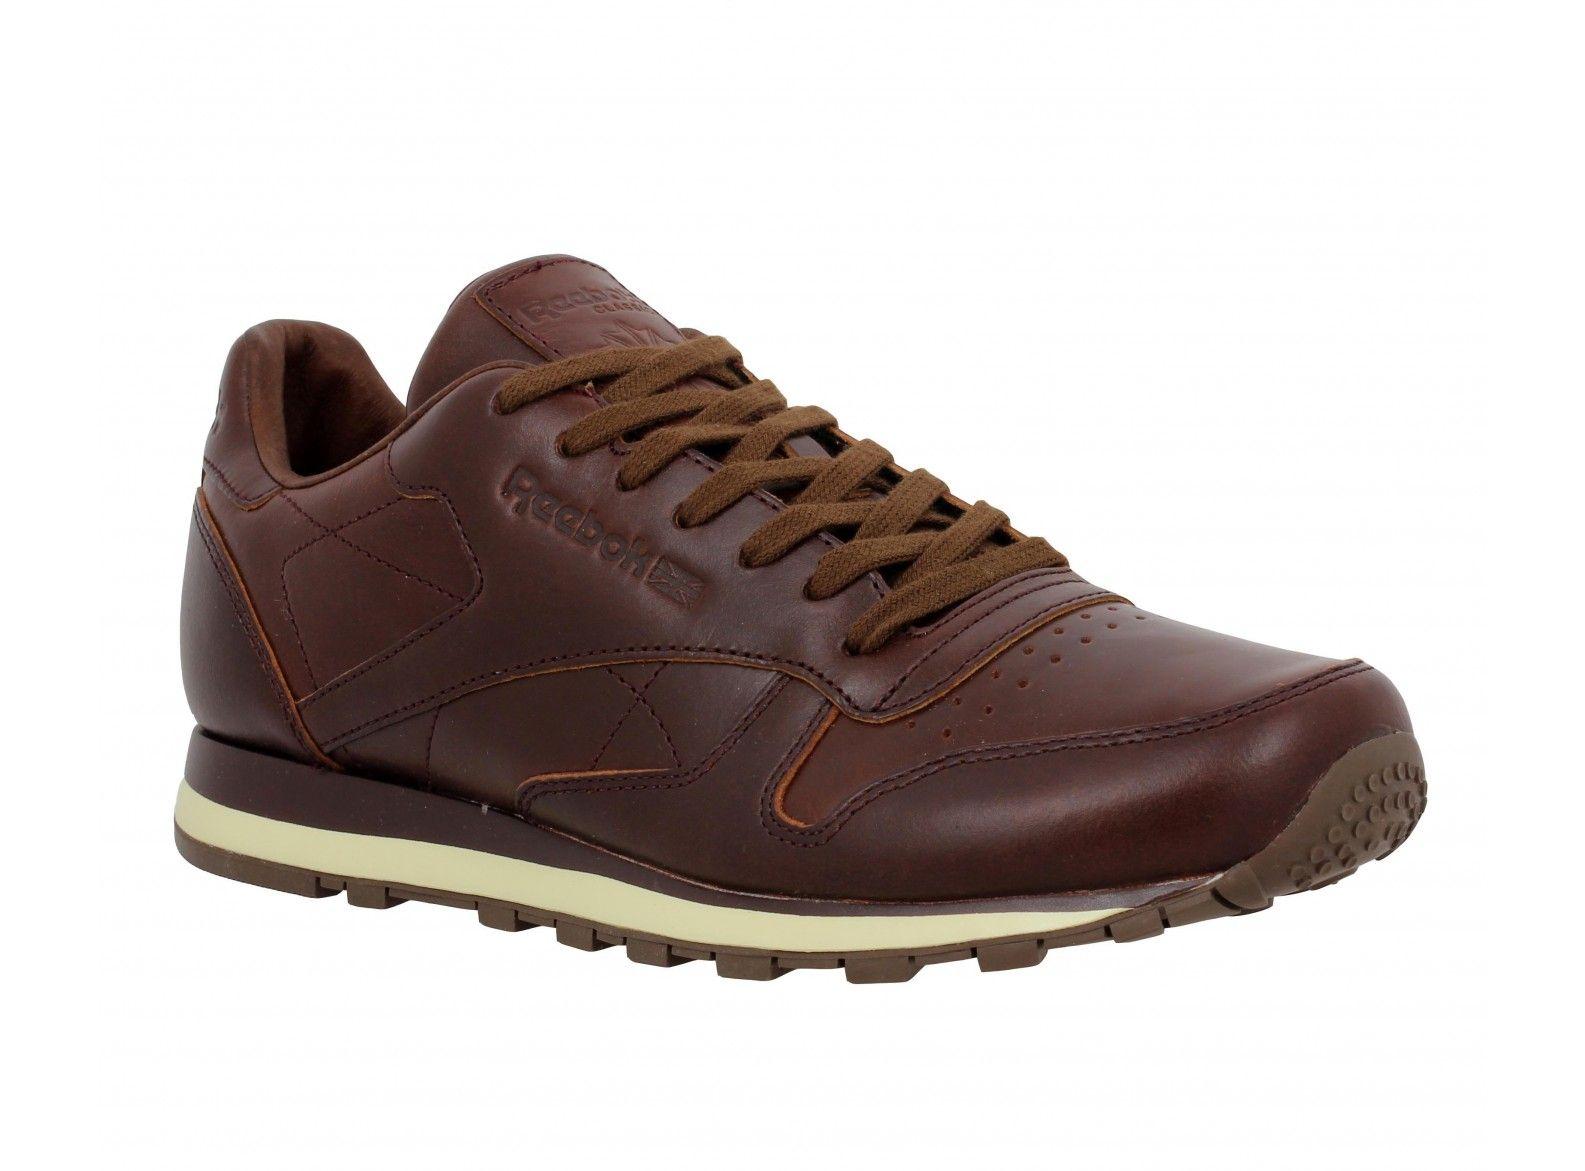 cuir chaussures chaussures classic cuir classic reebok reebok chaussures classic reebok cuir chaussures wP8X0knO